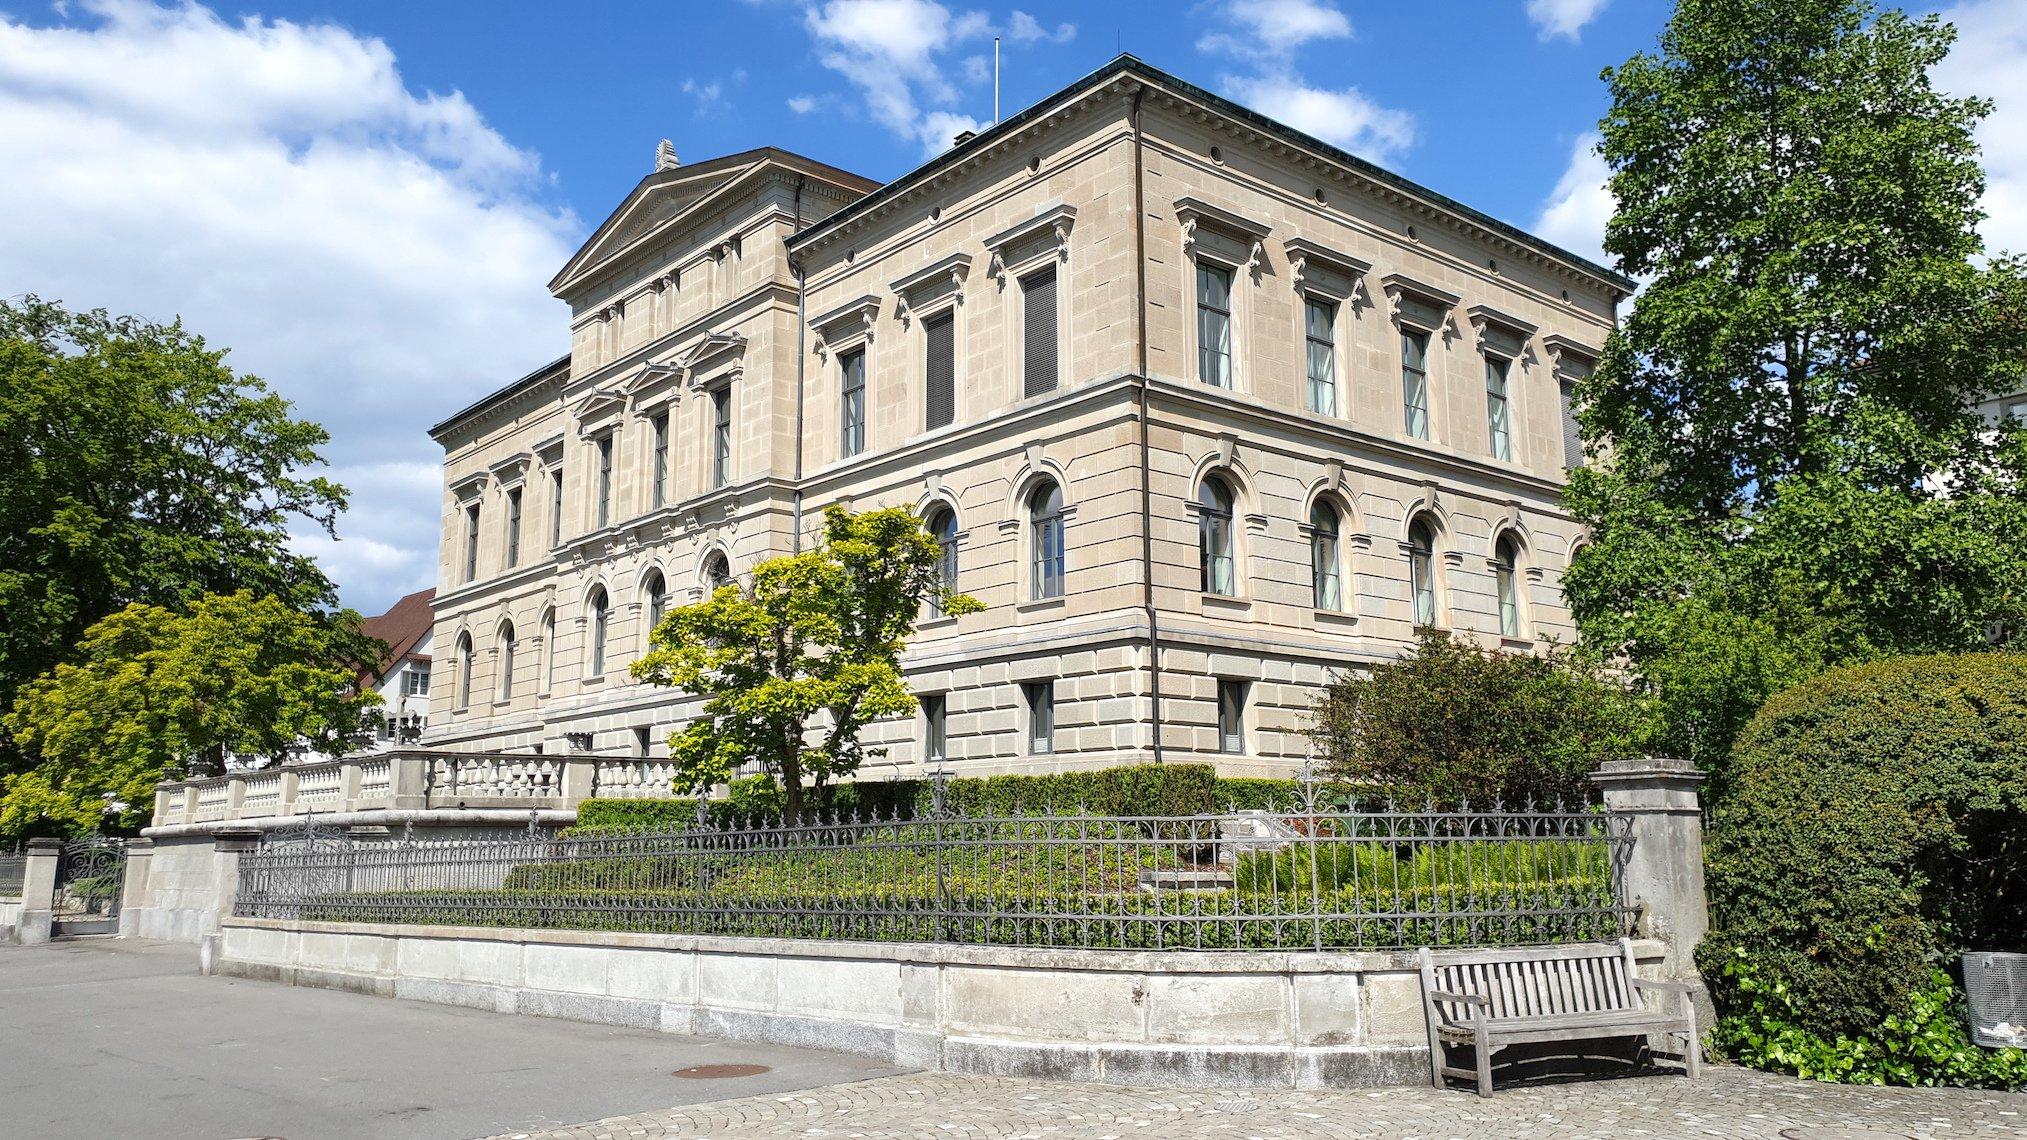 Zuger Regierungsgebäude mit vorgelagerter Terrasse und Garten.